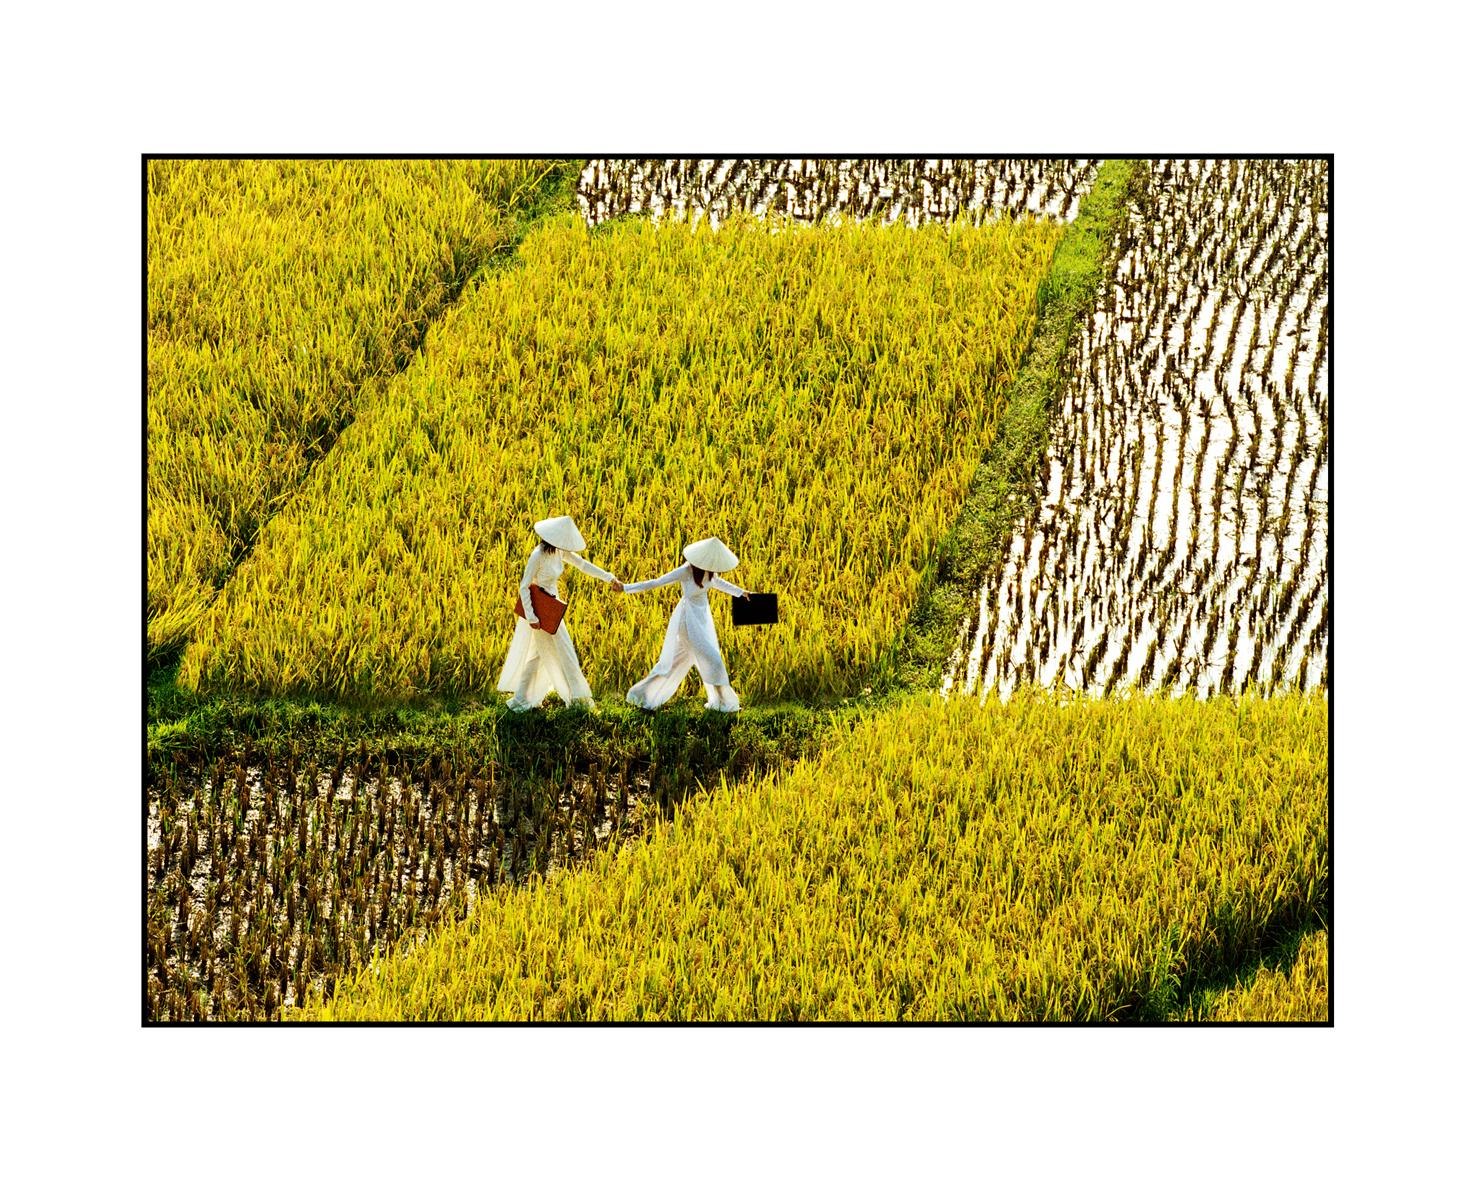 http://cdn.tinhte.vn/attachments/3-thieu-nu-va-canh-dong-mau-20x25-jpg.954592/